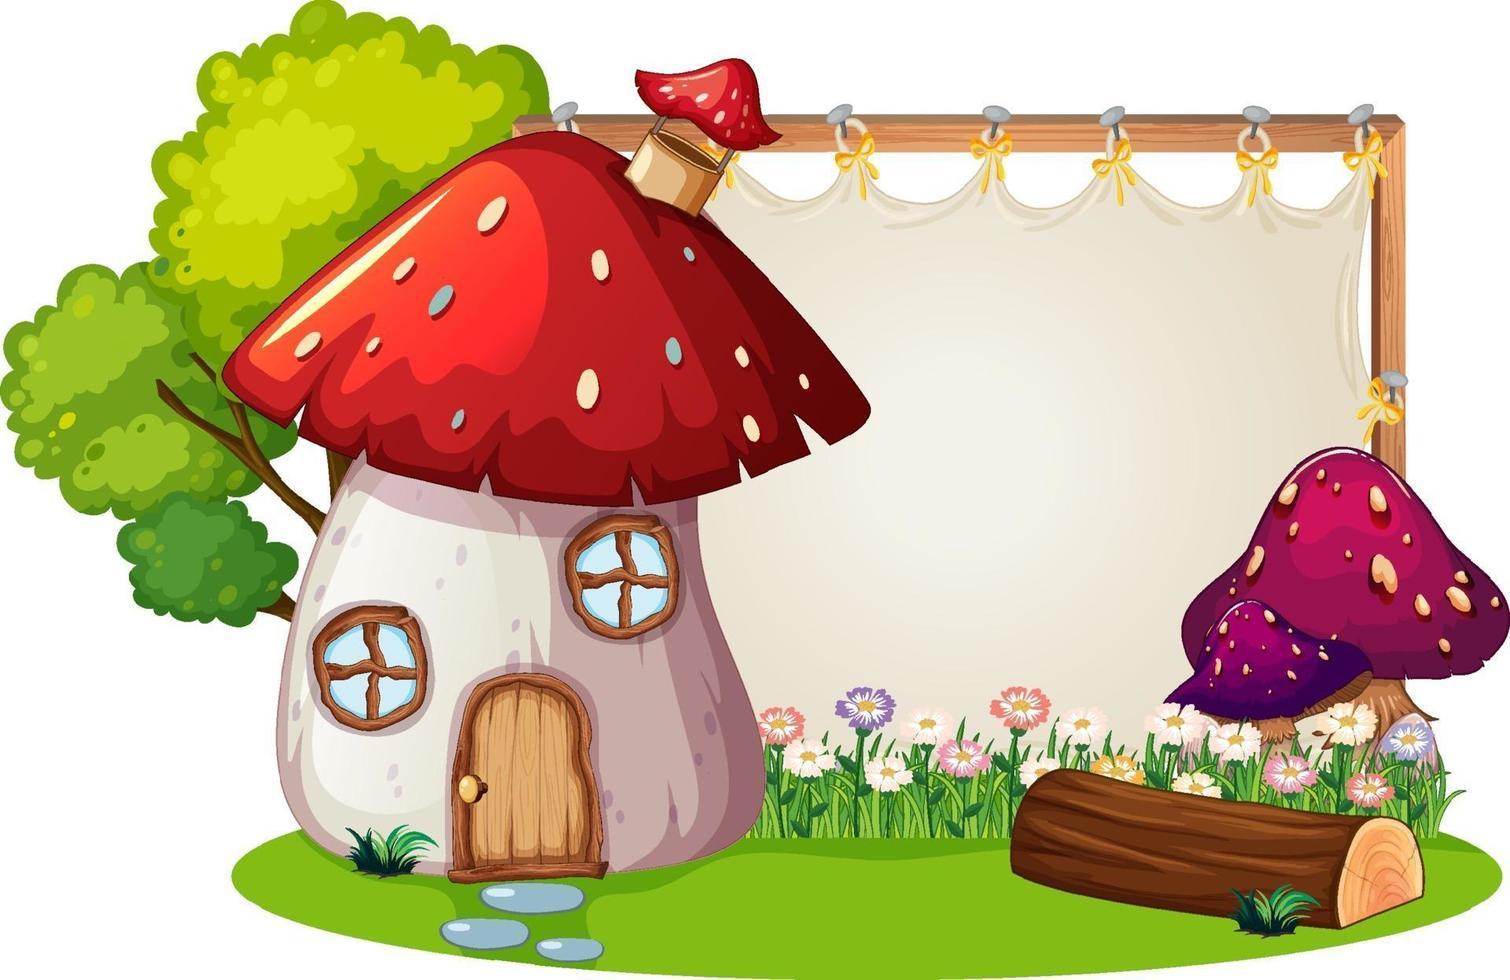 banner bianco in giardino con casa dei funghi isolata vettore